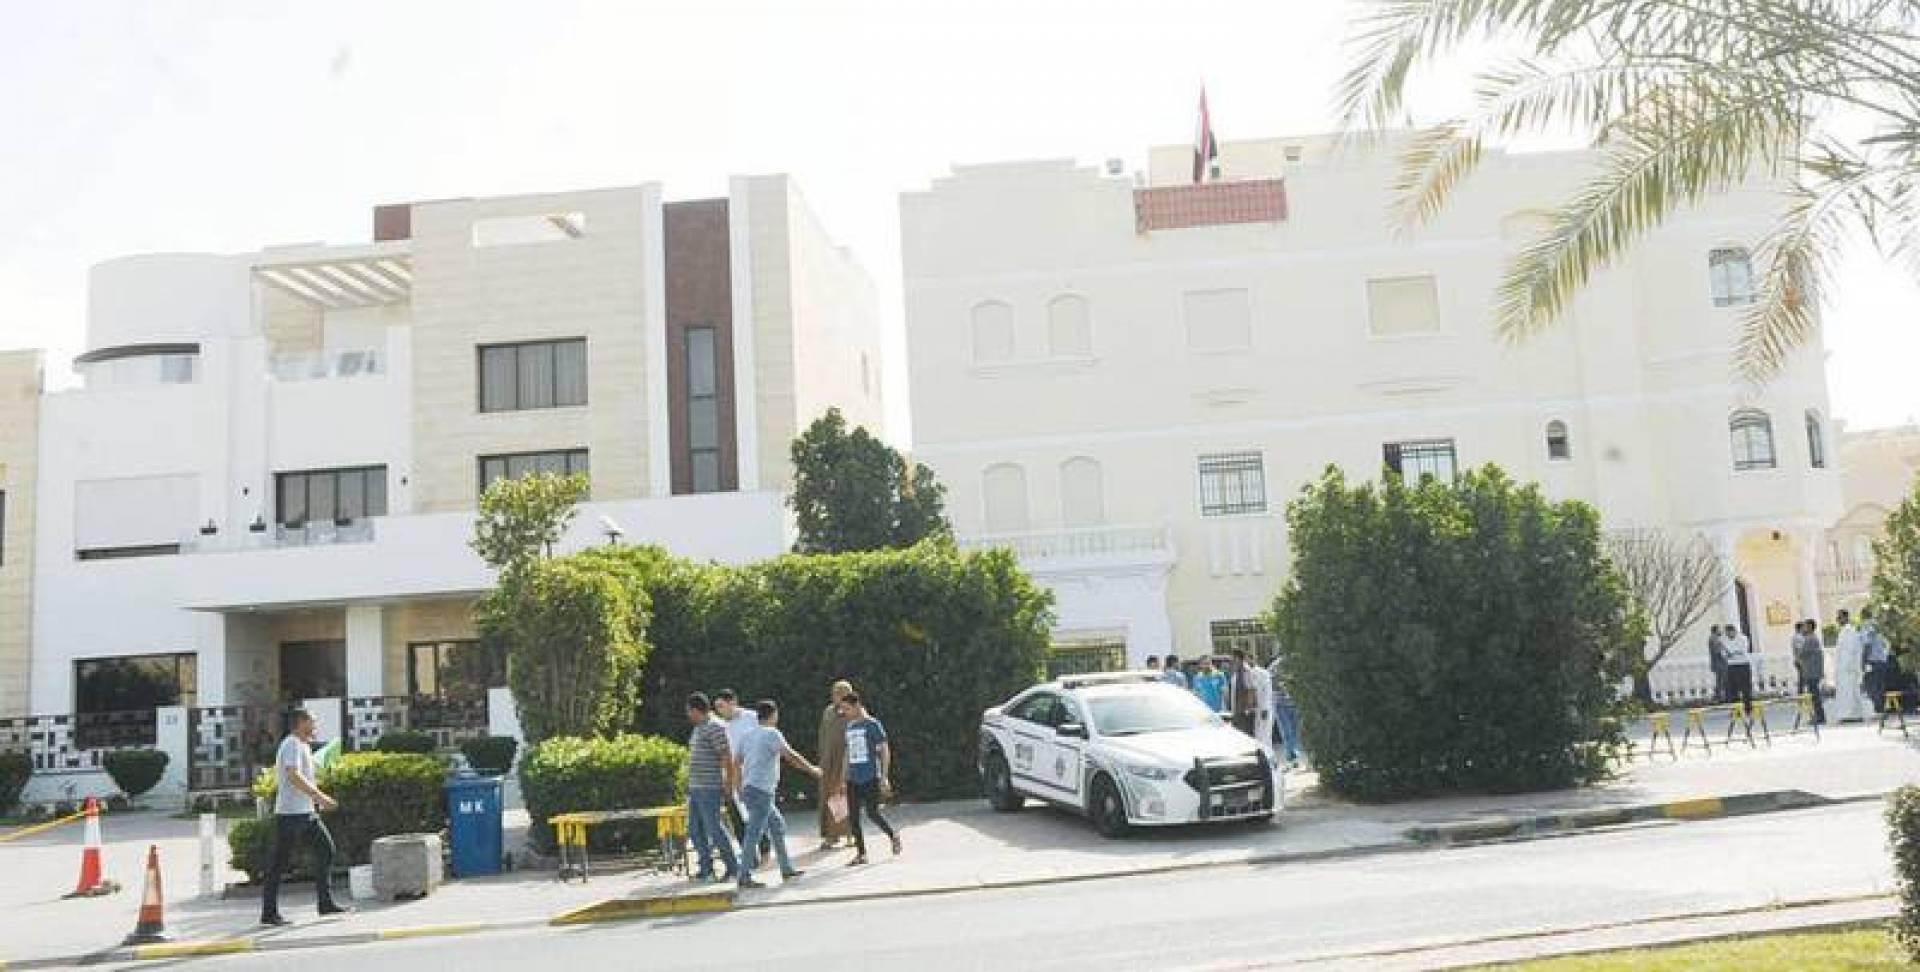 السفارة المصرية: إدعاءات مختلقة بحق القنصلية